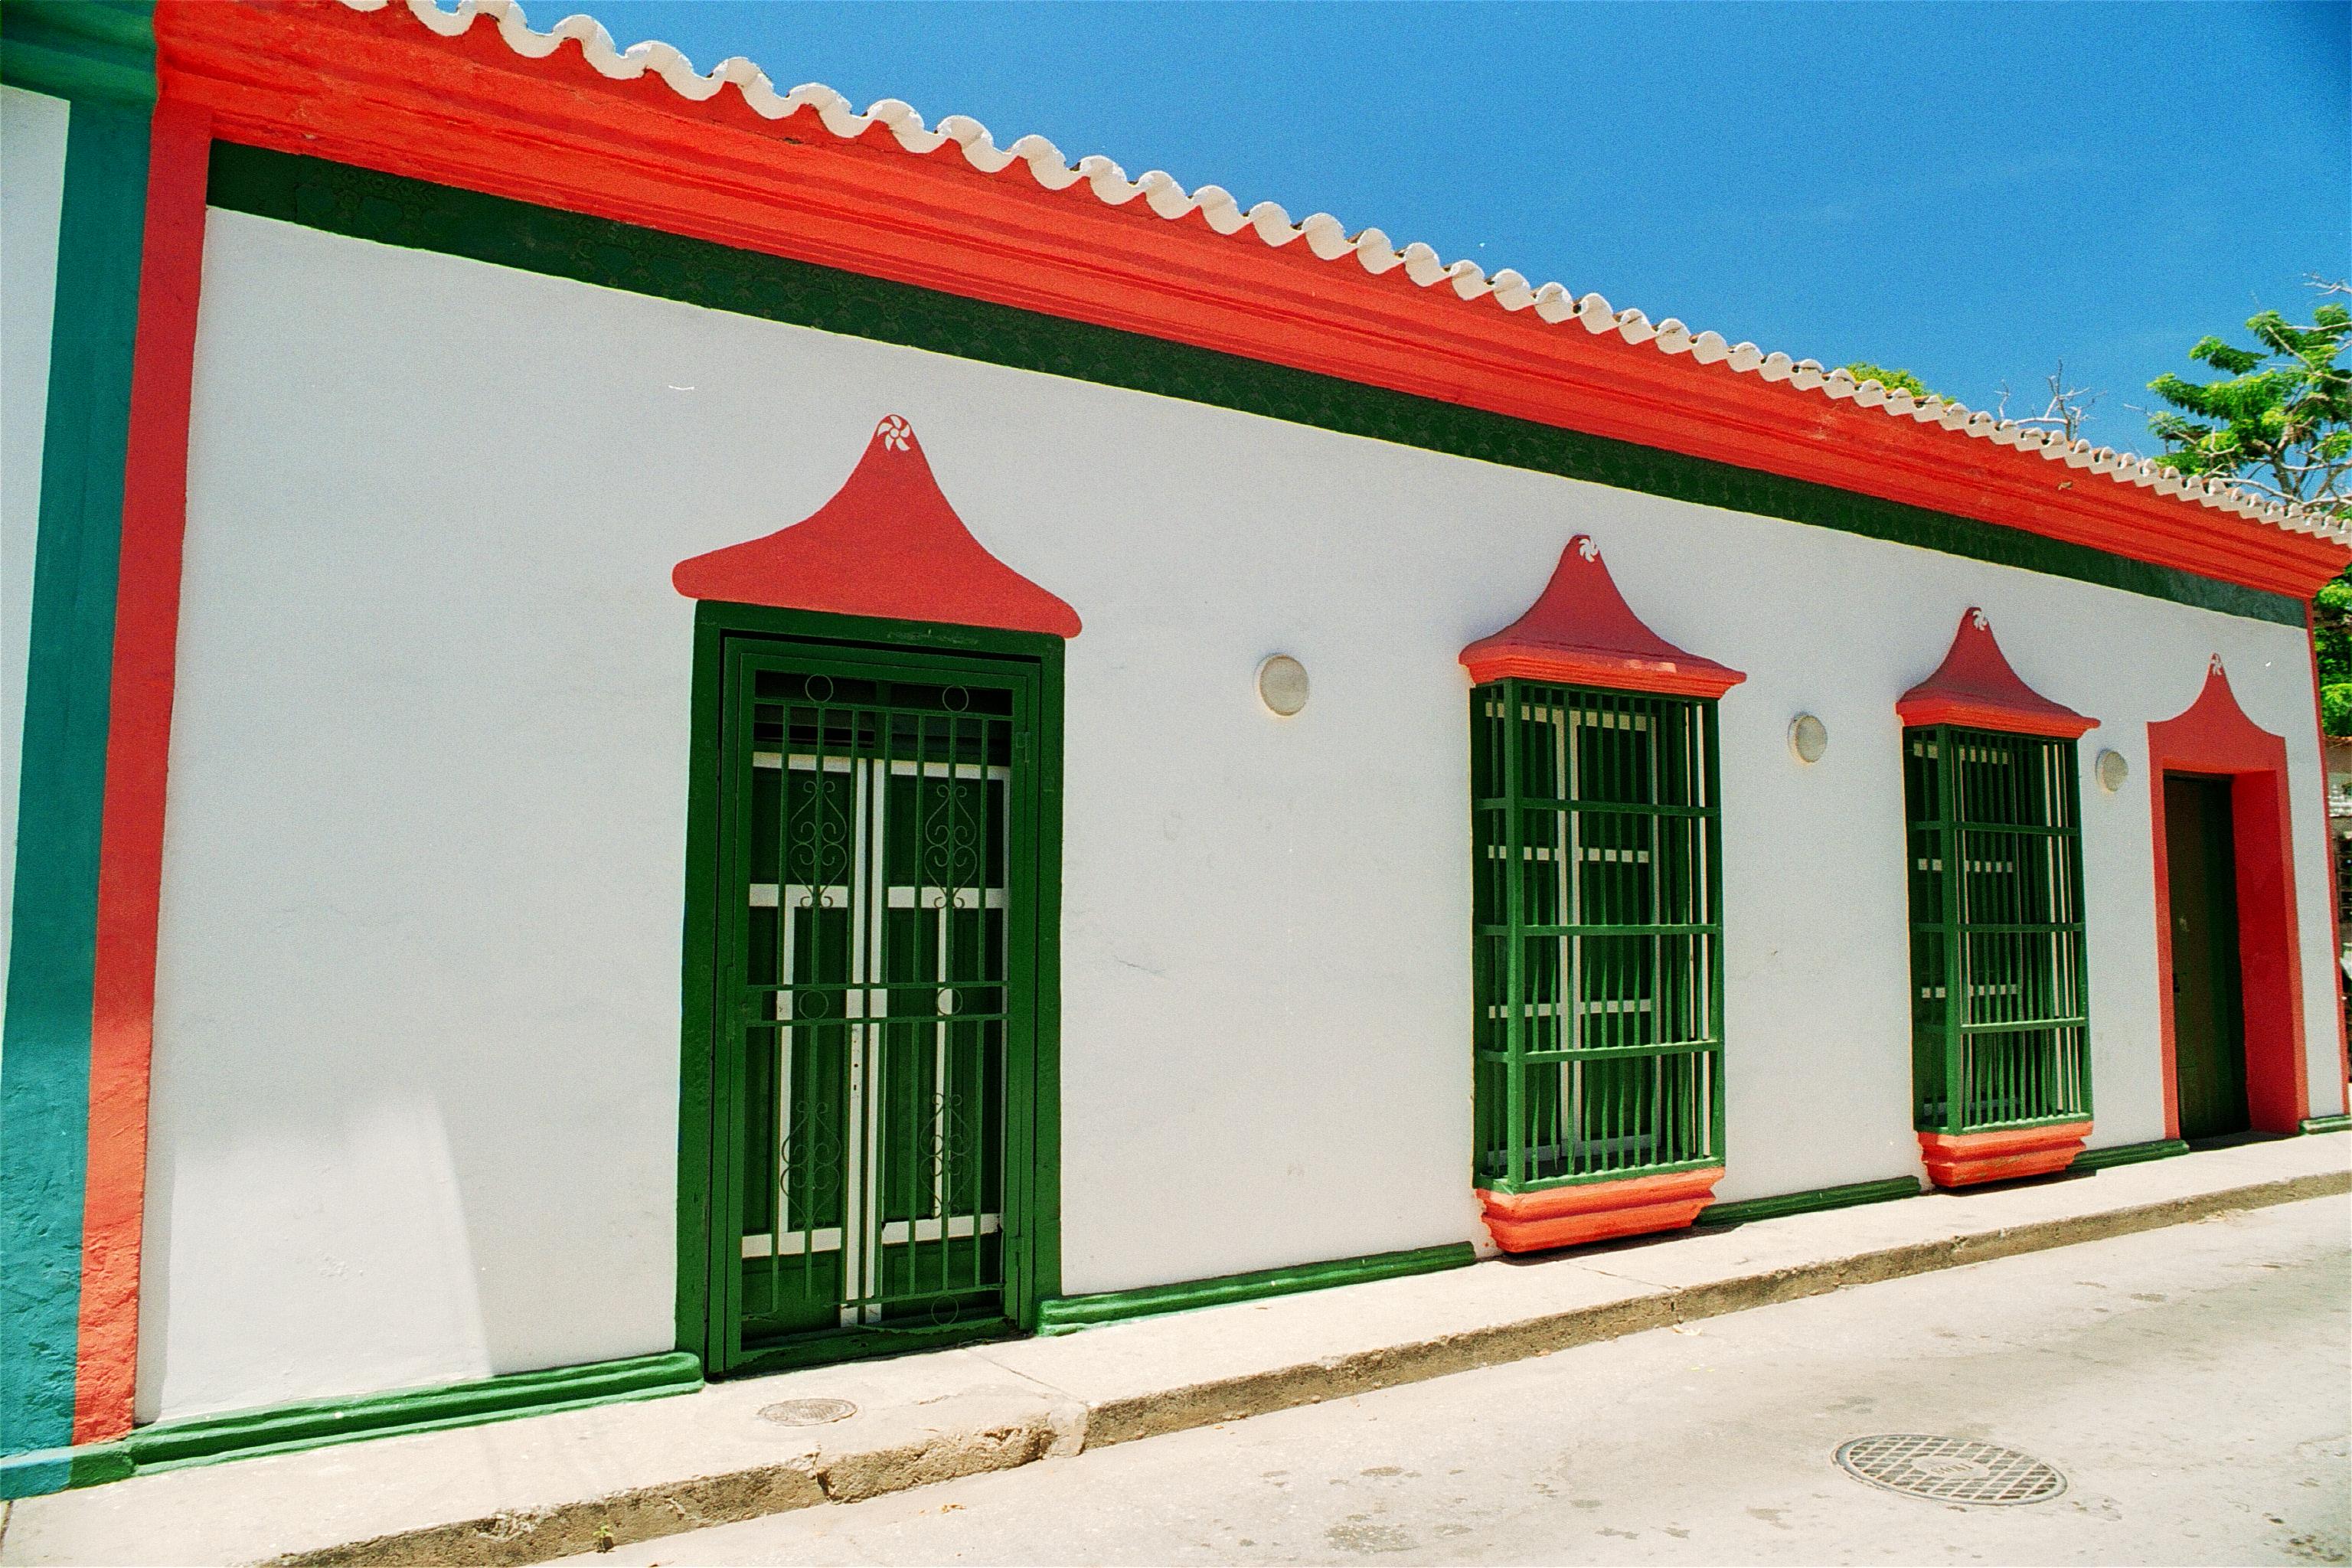 File fachada de casas margarite as 16 jpg wikimedia - Fachadas casas de pueblo ...